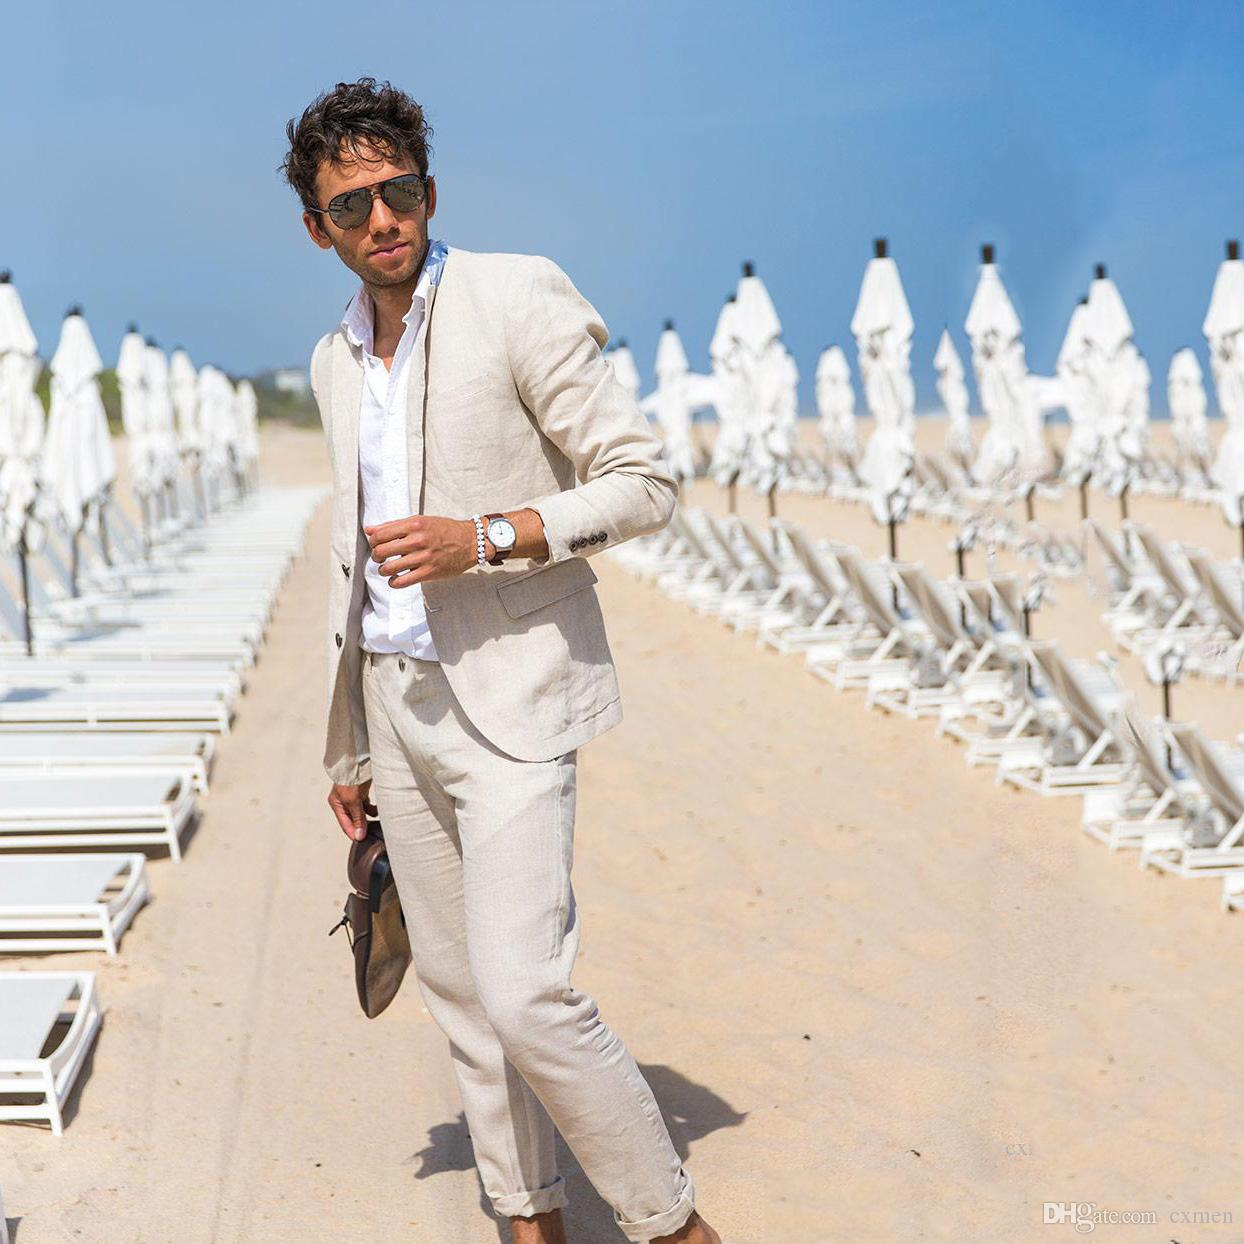 Custom Made Ivory,Beige Summer Beach Wedding Linen Tuxedos Men Suits Best men Marriage Groom Best Men 2 Piece Jacket+Pants